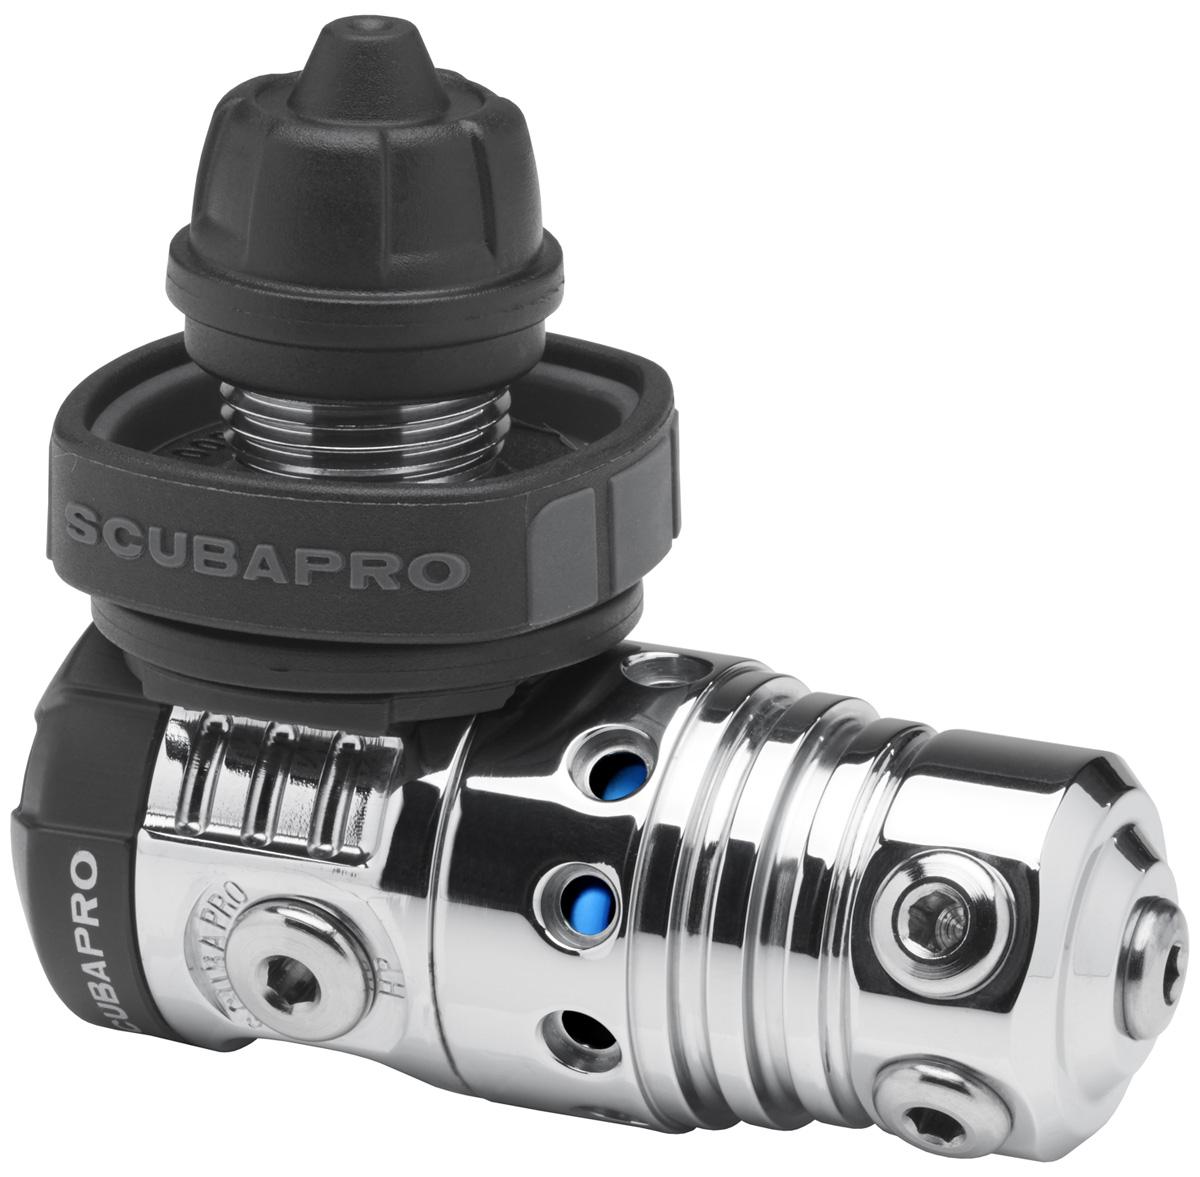 Detenteur SCUBAPRO MK25 EVO /S600